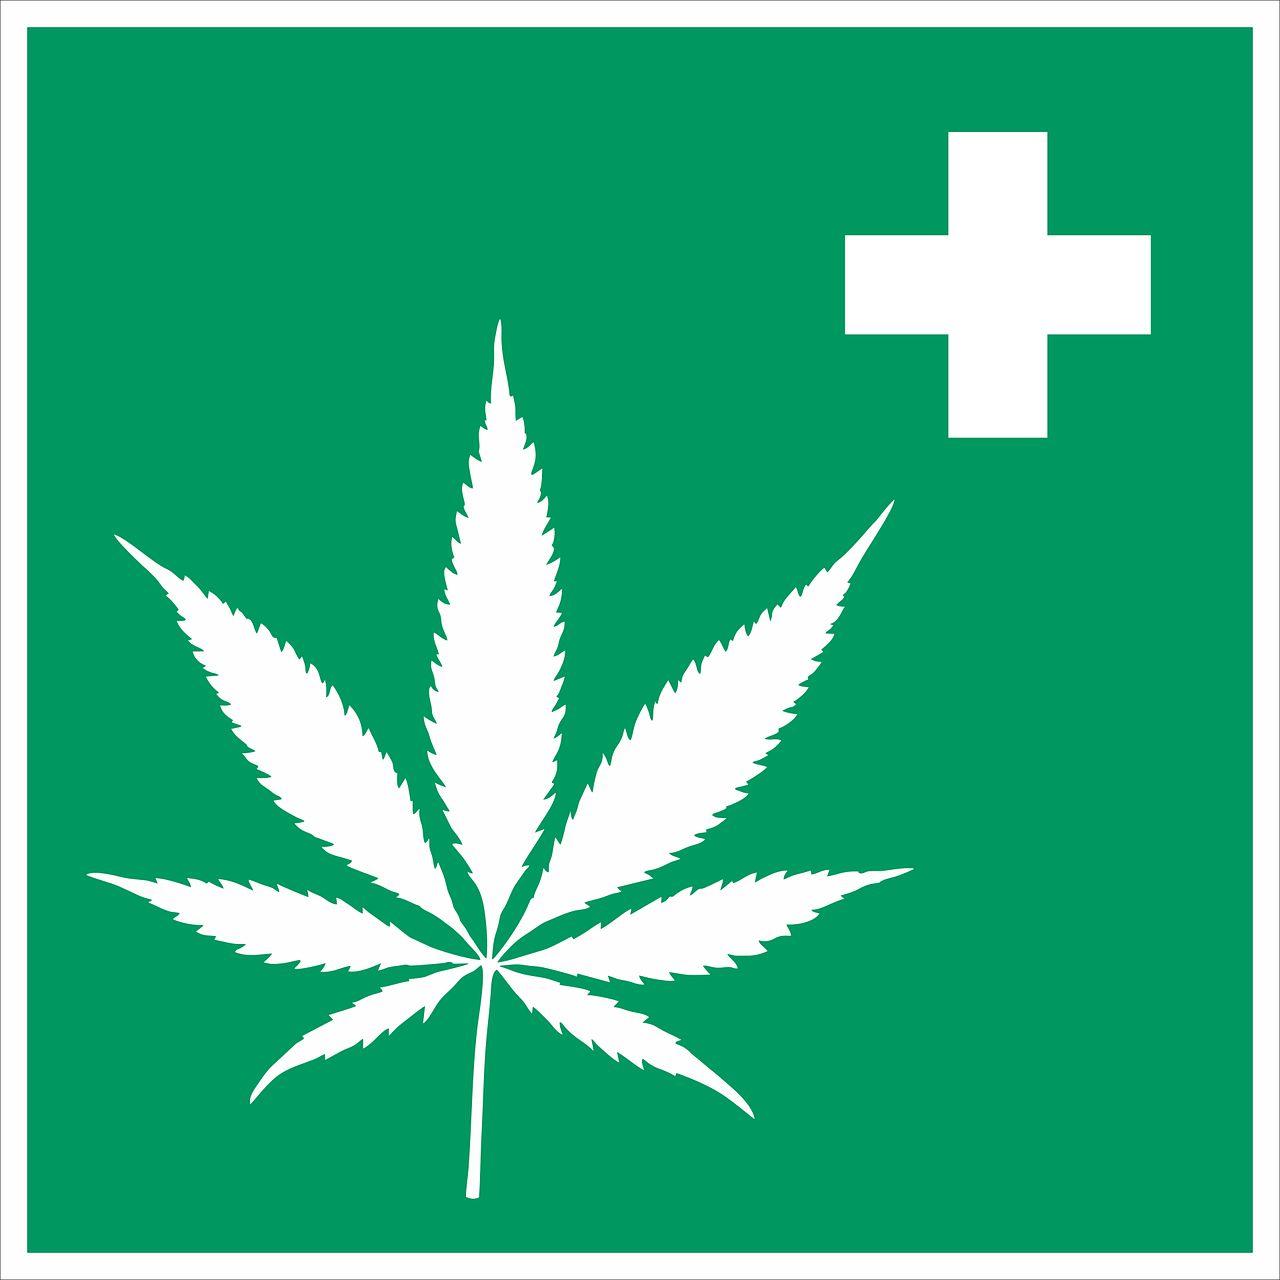 Vielfältige Anwendungsmöglichkeiten für medizischen Hanf